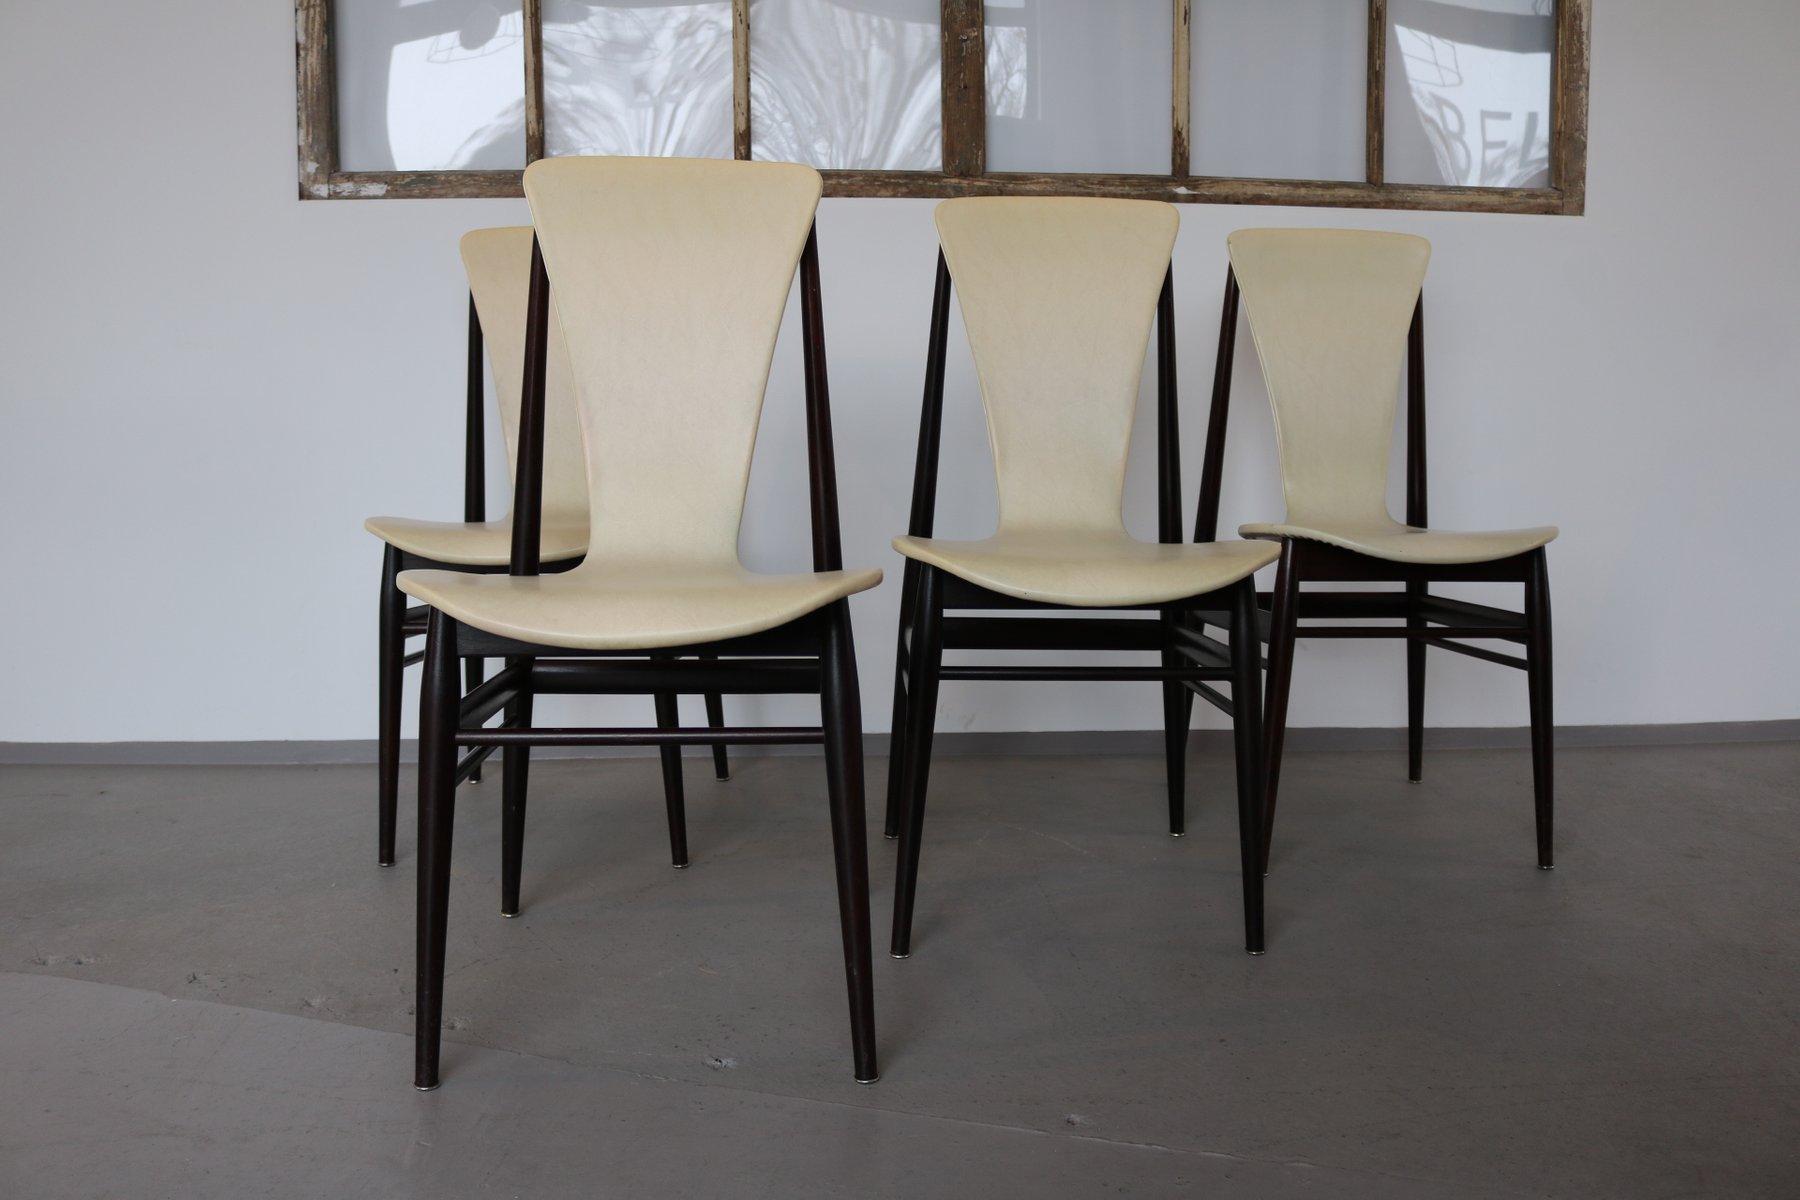 chaises en teck italie 1960s set de 4 en vente sur pamono. Black Bedroom Furniture Sets. Home Design Ideas